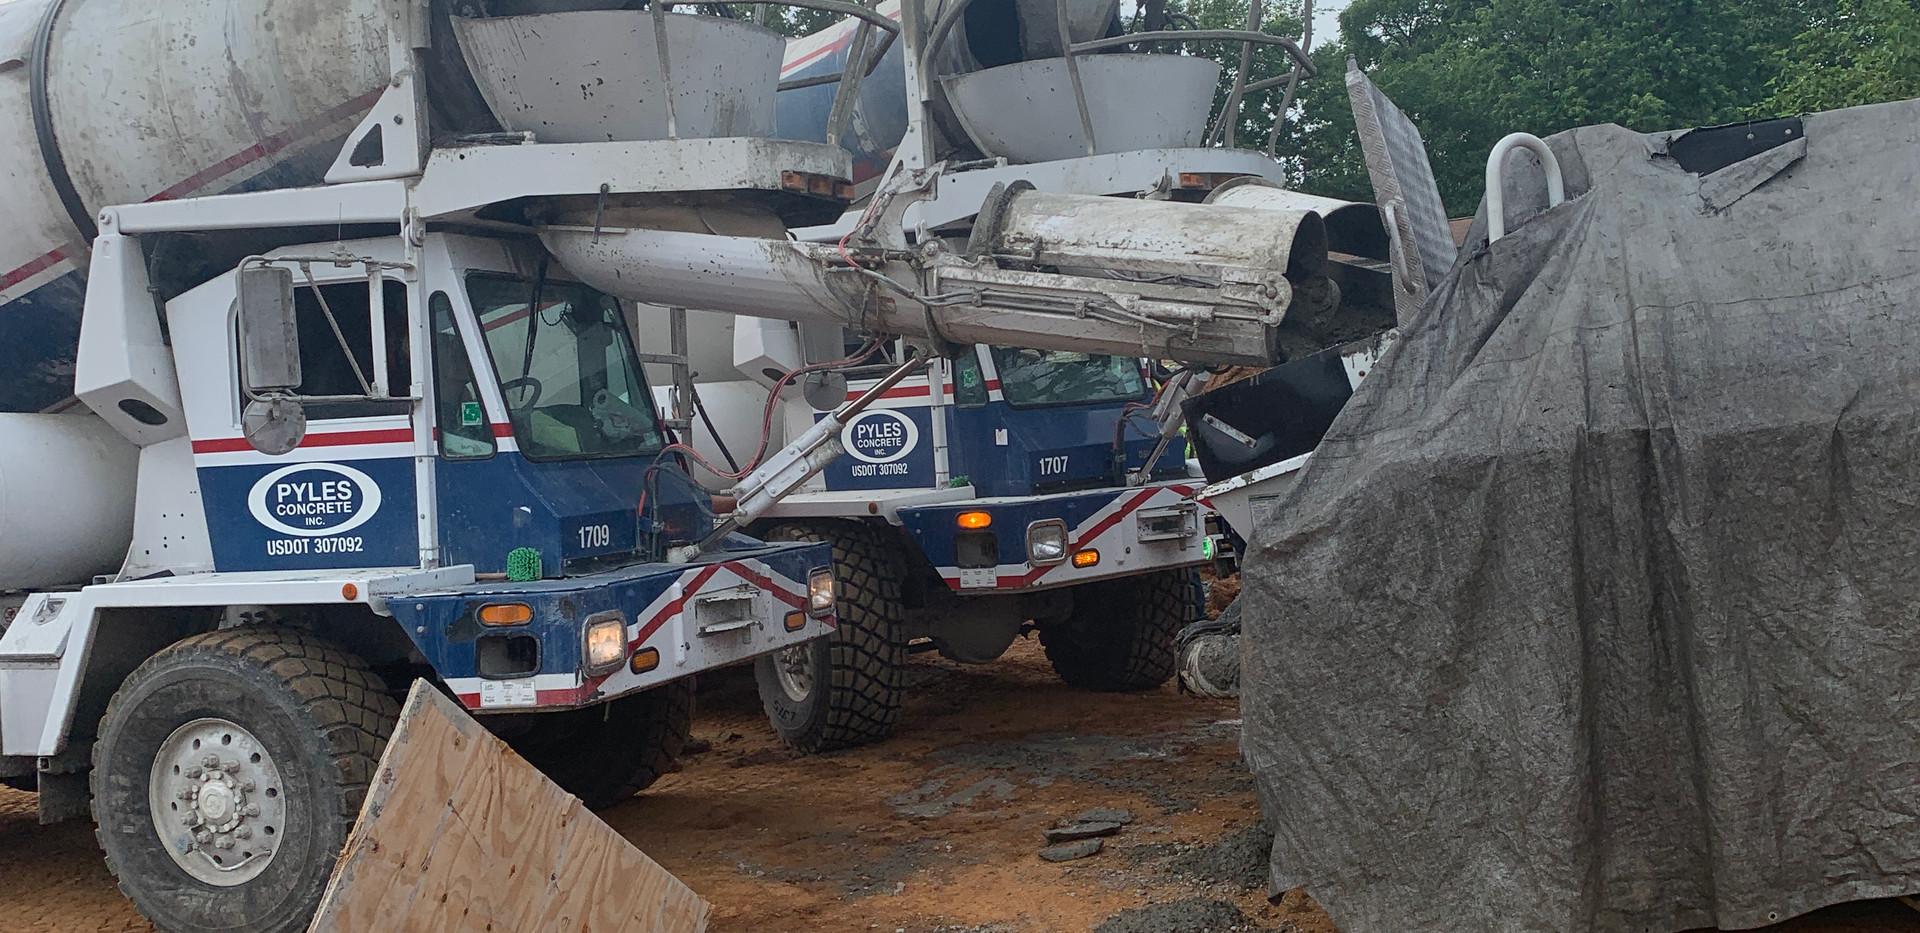 Pyles Concrete Mixer Trucks Pouring Into Pump.